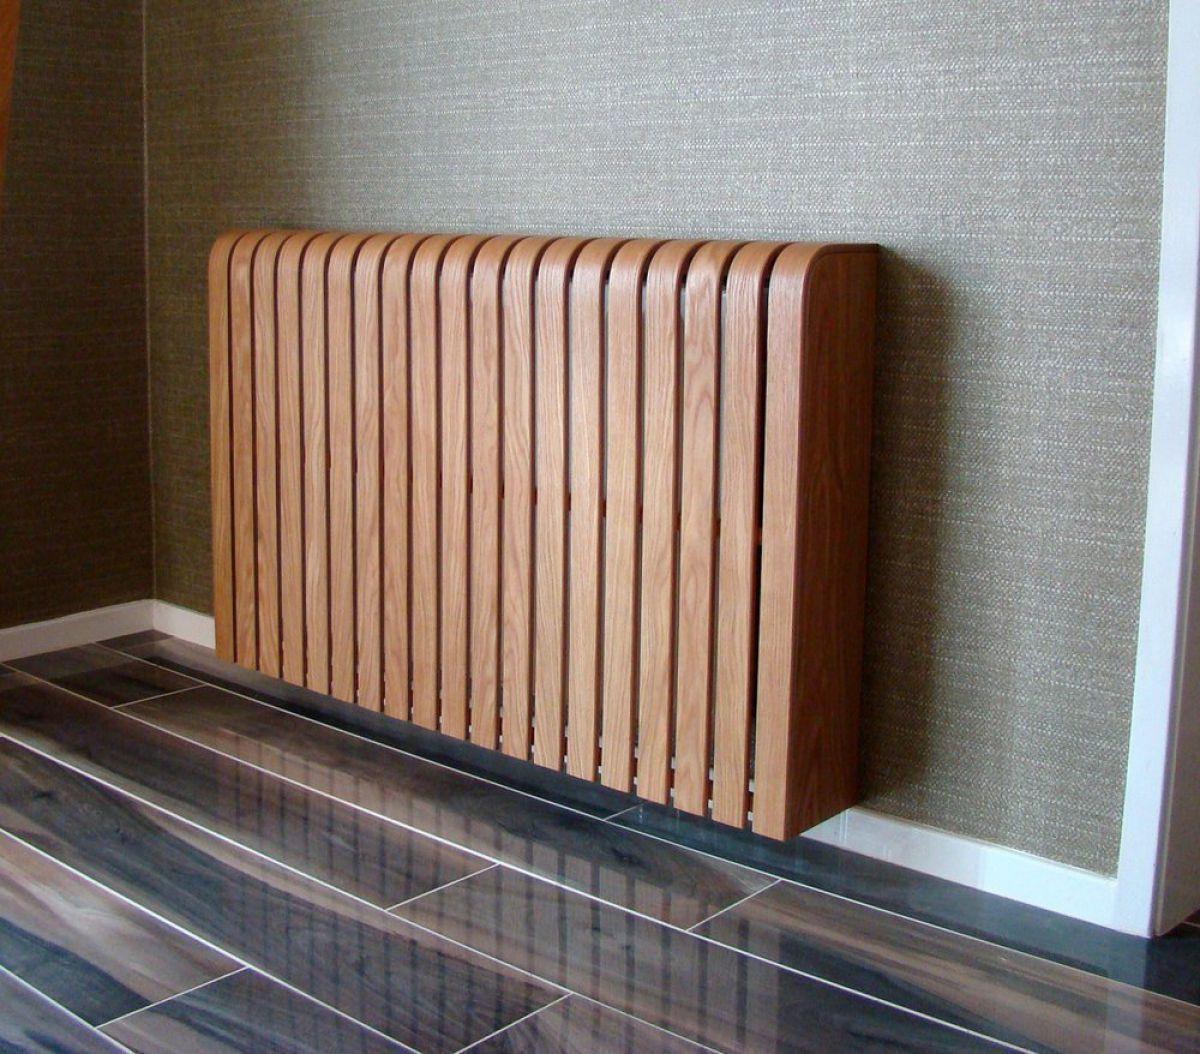 Отопительный радиатор в дизайне интерьера - стиль, бюджет и фантазия 5003